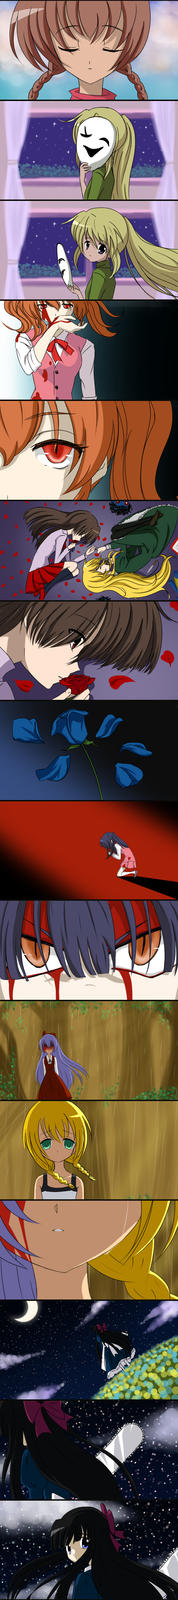 Higurashi no Naku Koro ni MAD Fake Screenshots